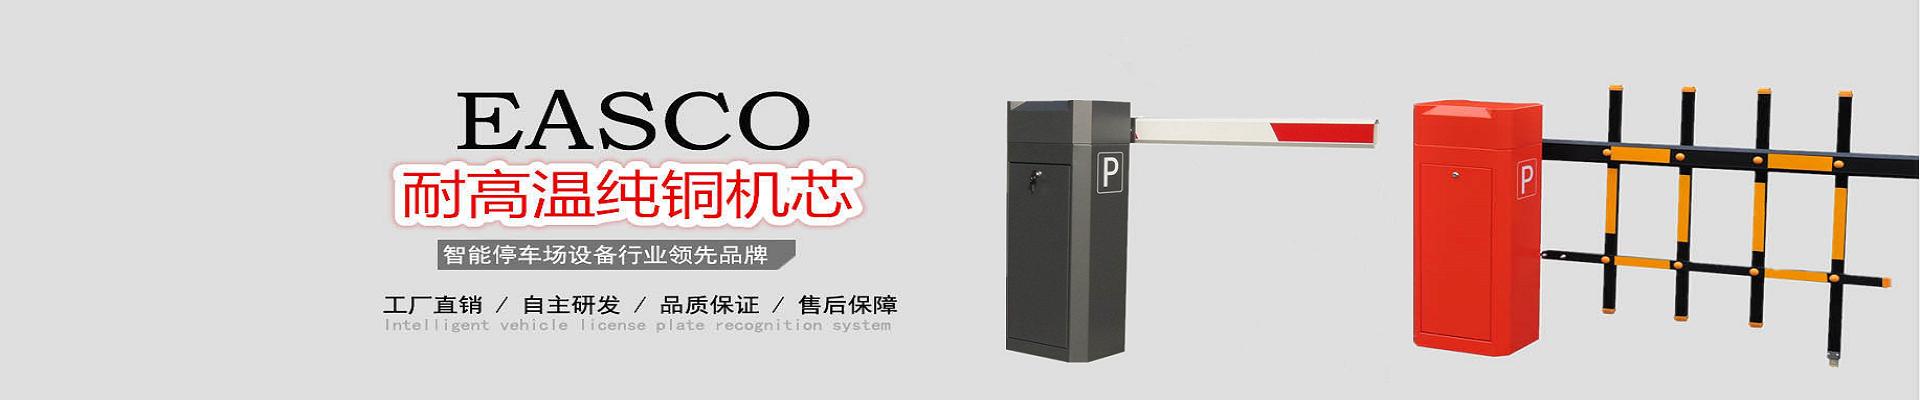 深圳市易思科智能设备有限公司